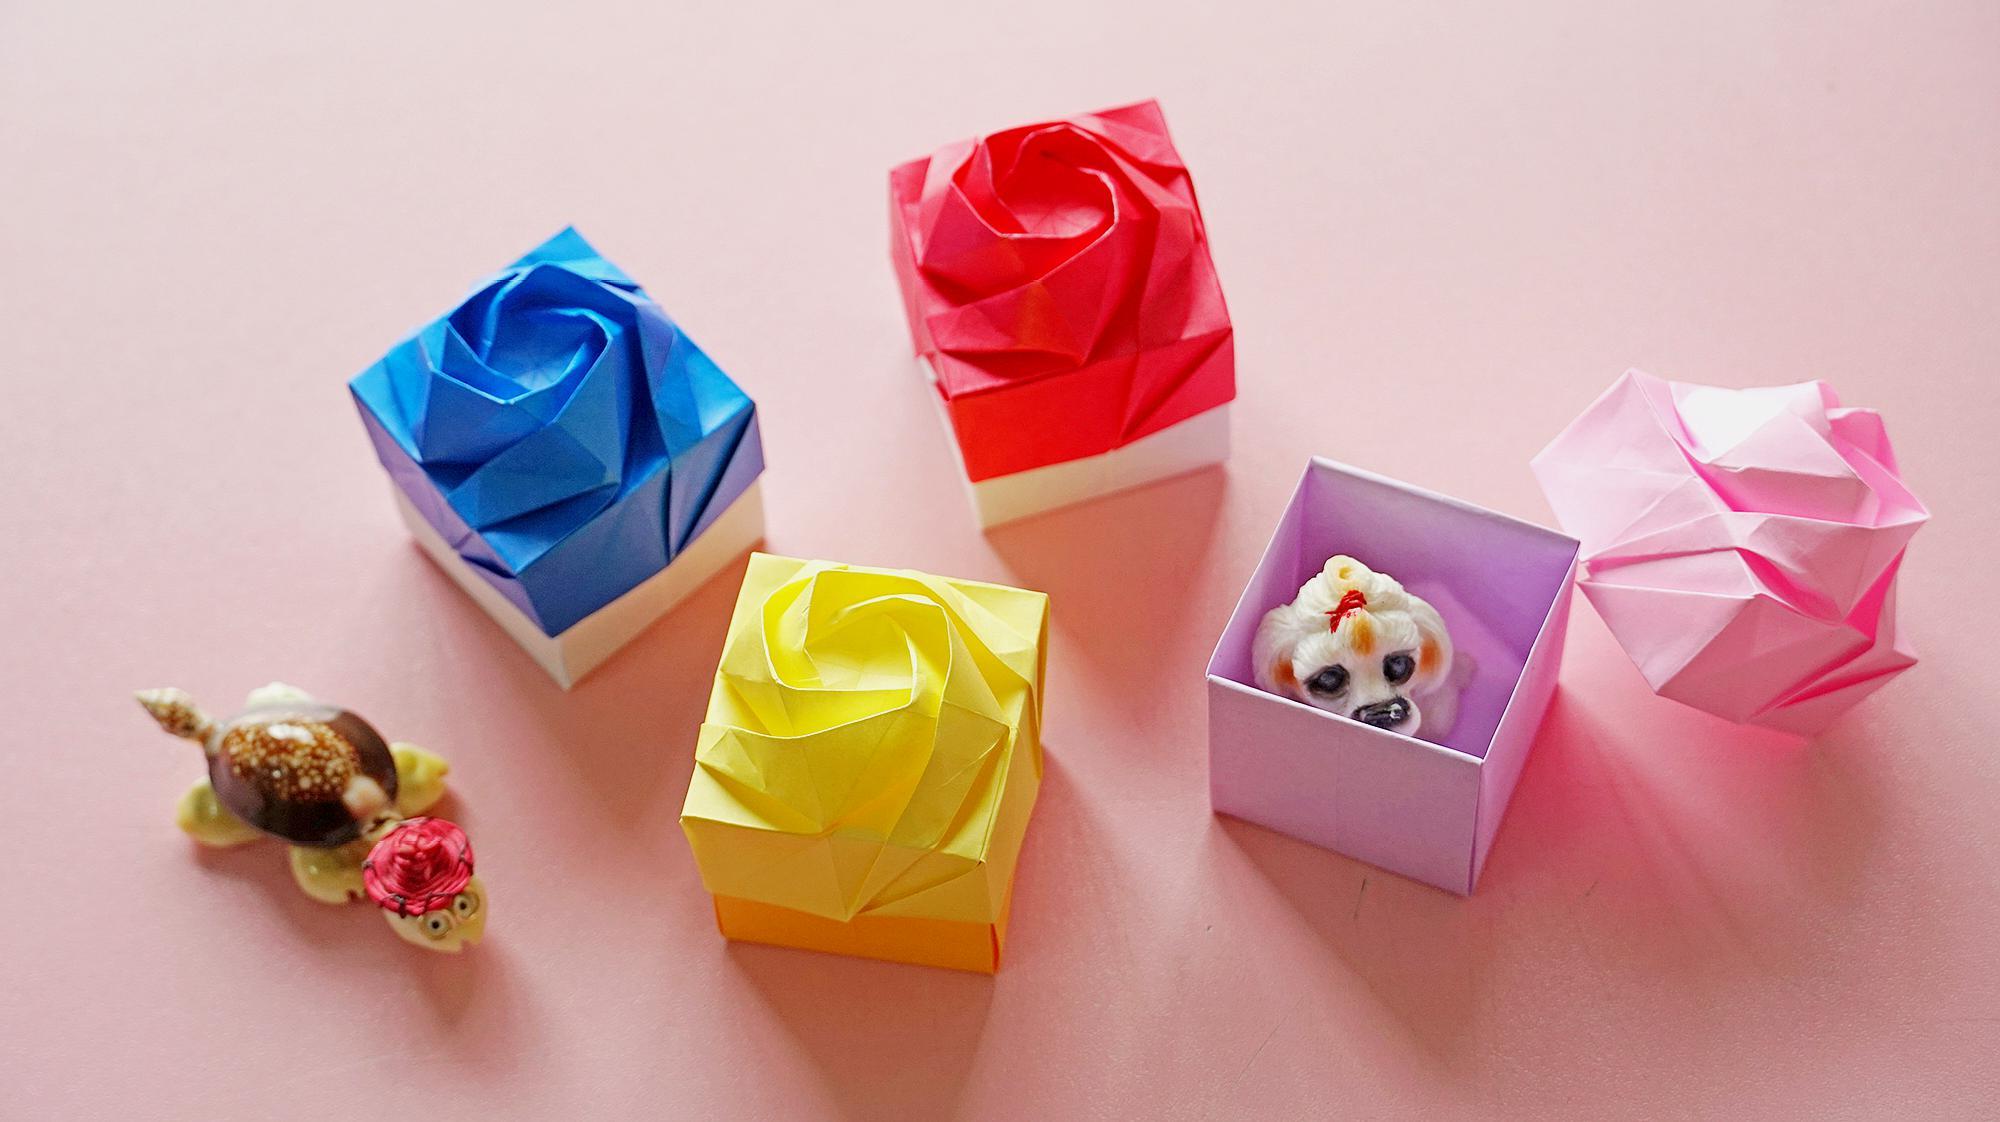 1玫瑰花盒子:精致的玫瑰花盒子,步骤简单,送给朋友也会显出满满的